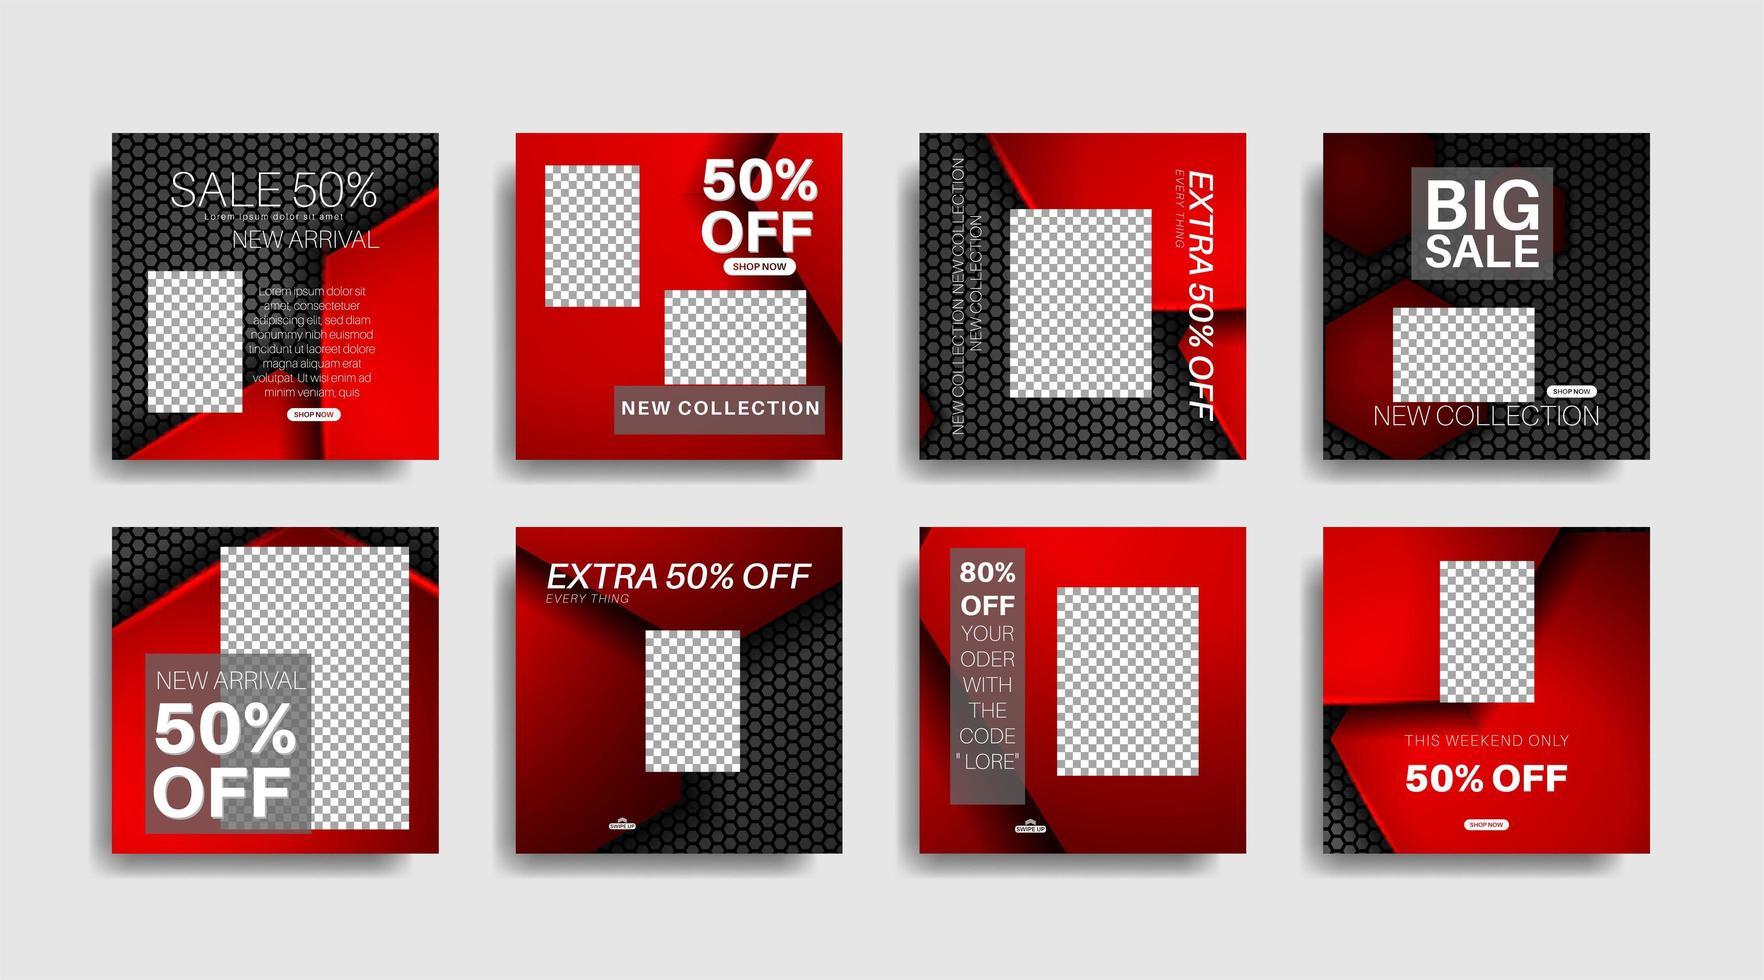 moderna fyrkantiga redigerade reklambanderoller för inlägg på sociala medier. vektor design illustration